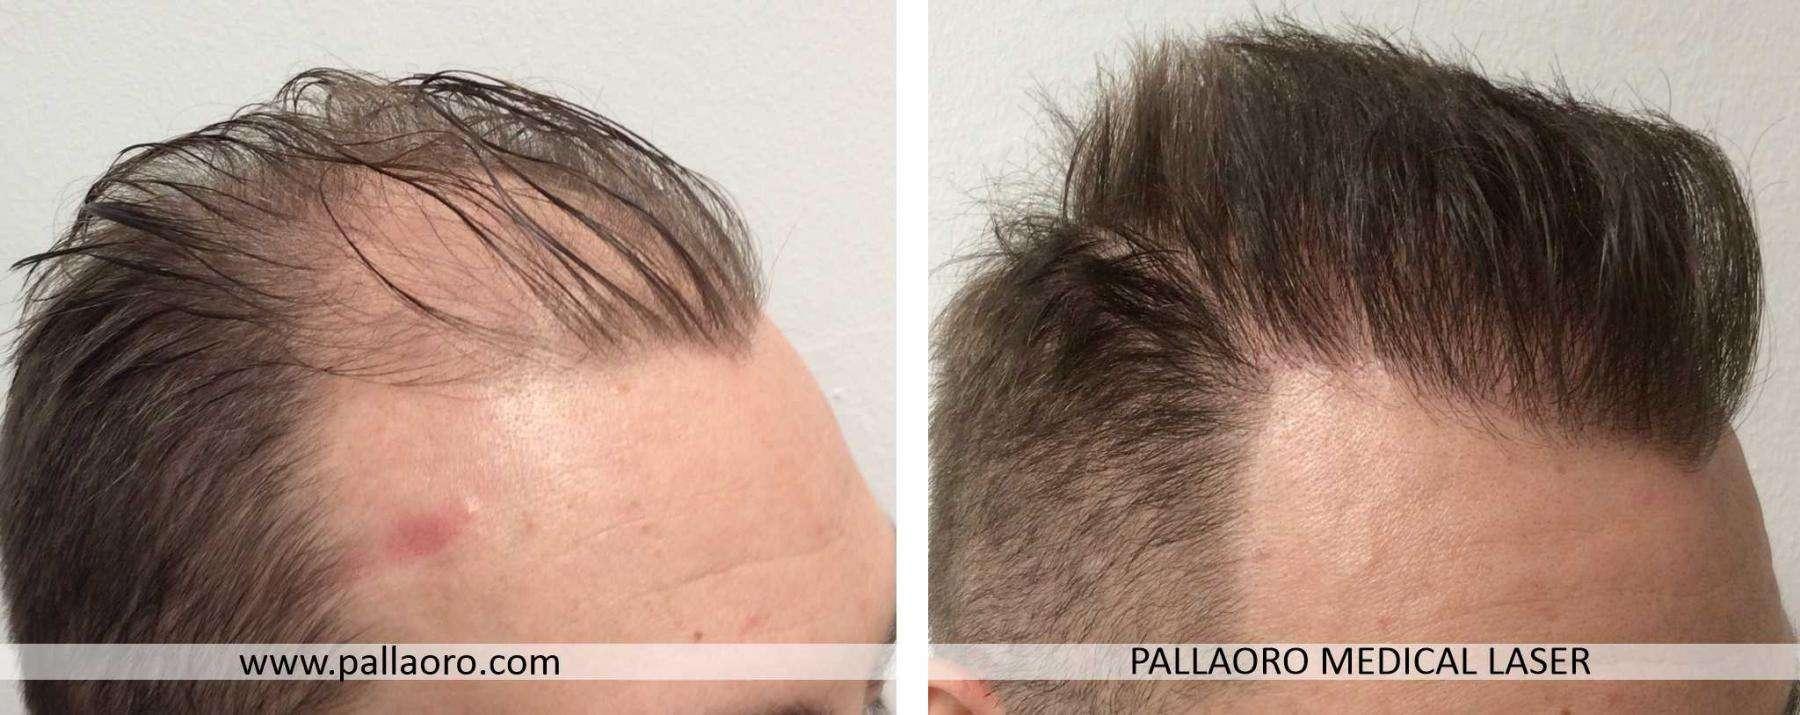 trapianto capelli 2021 06 c